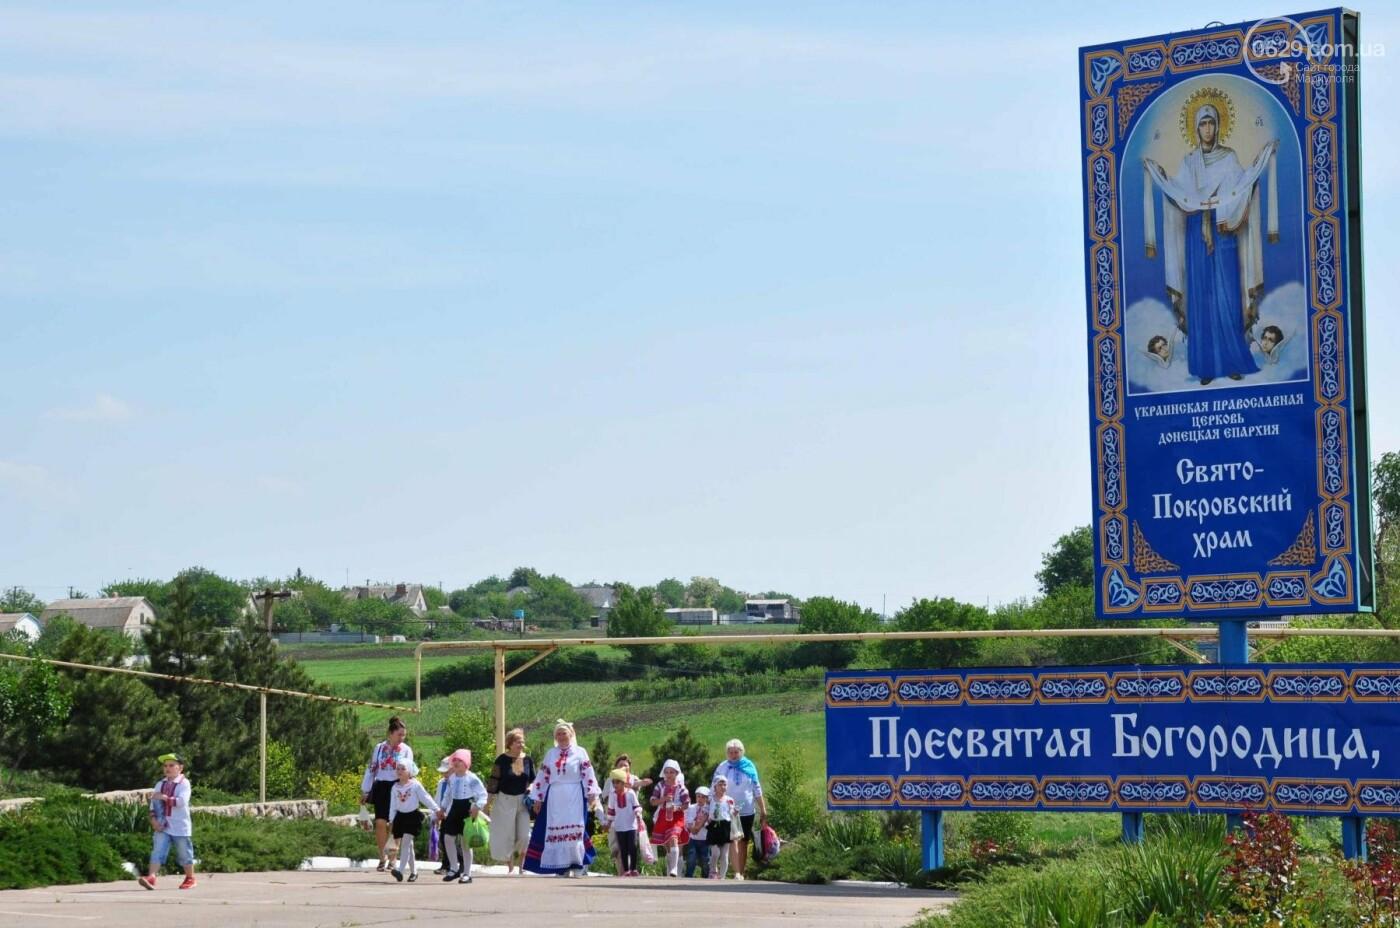 Праздник Вознесения и День вышиванки объединили прихожан в Свято-Покровском храме с.Боевое, фото-31